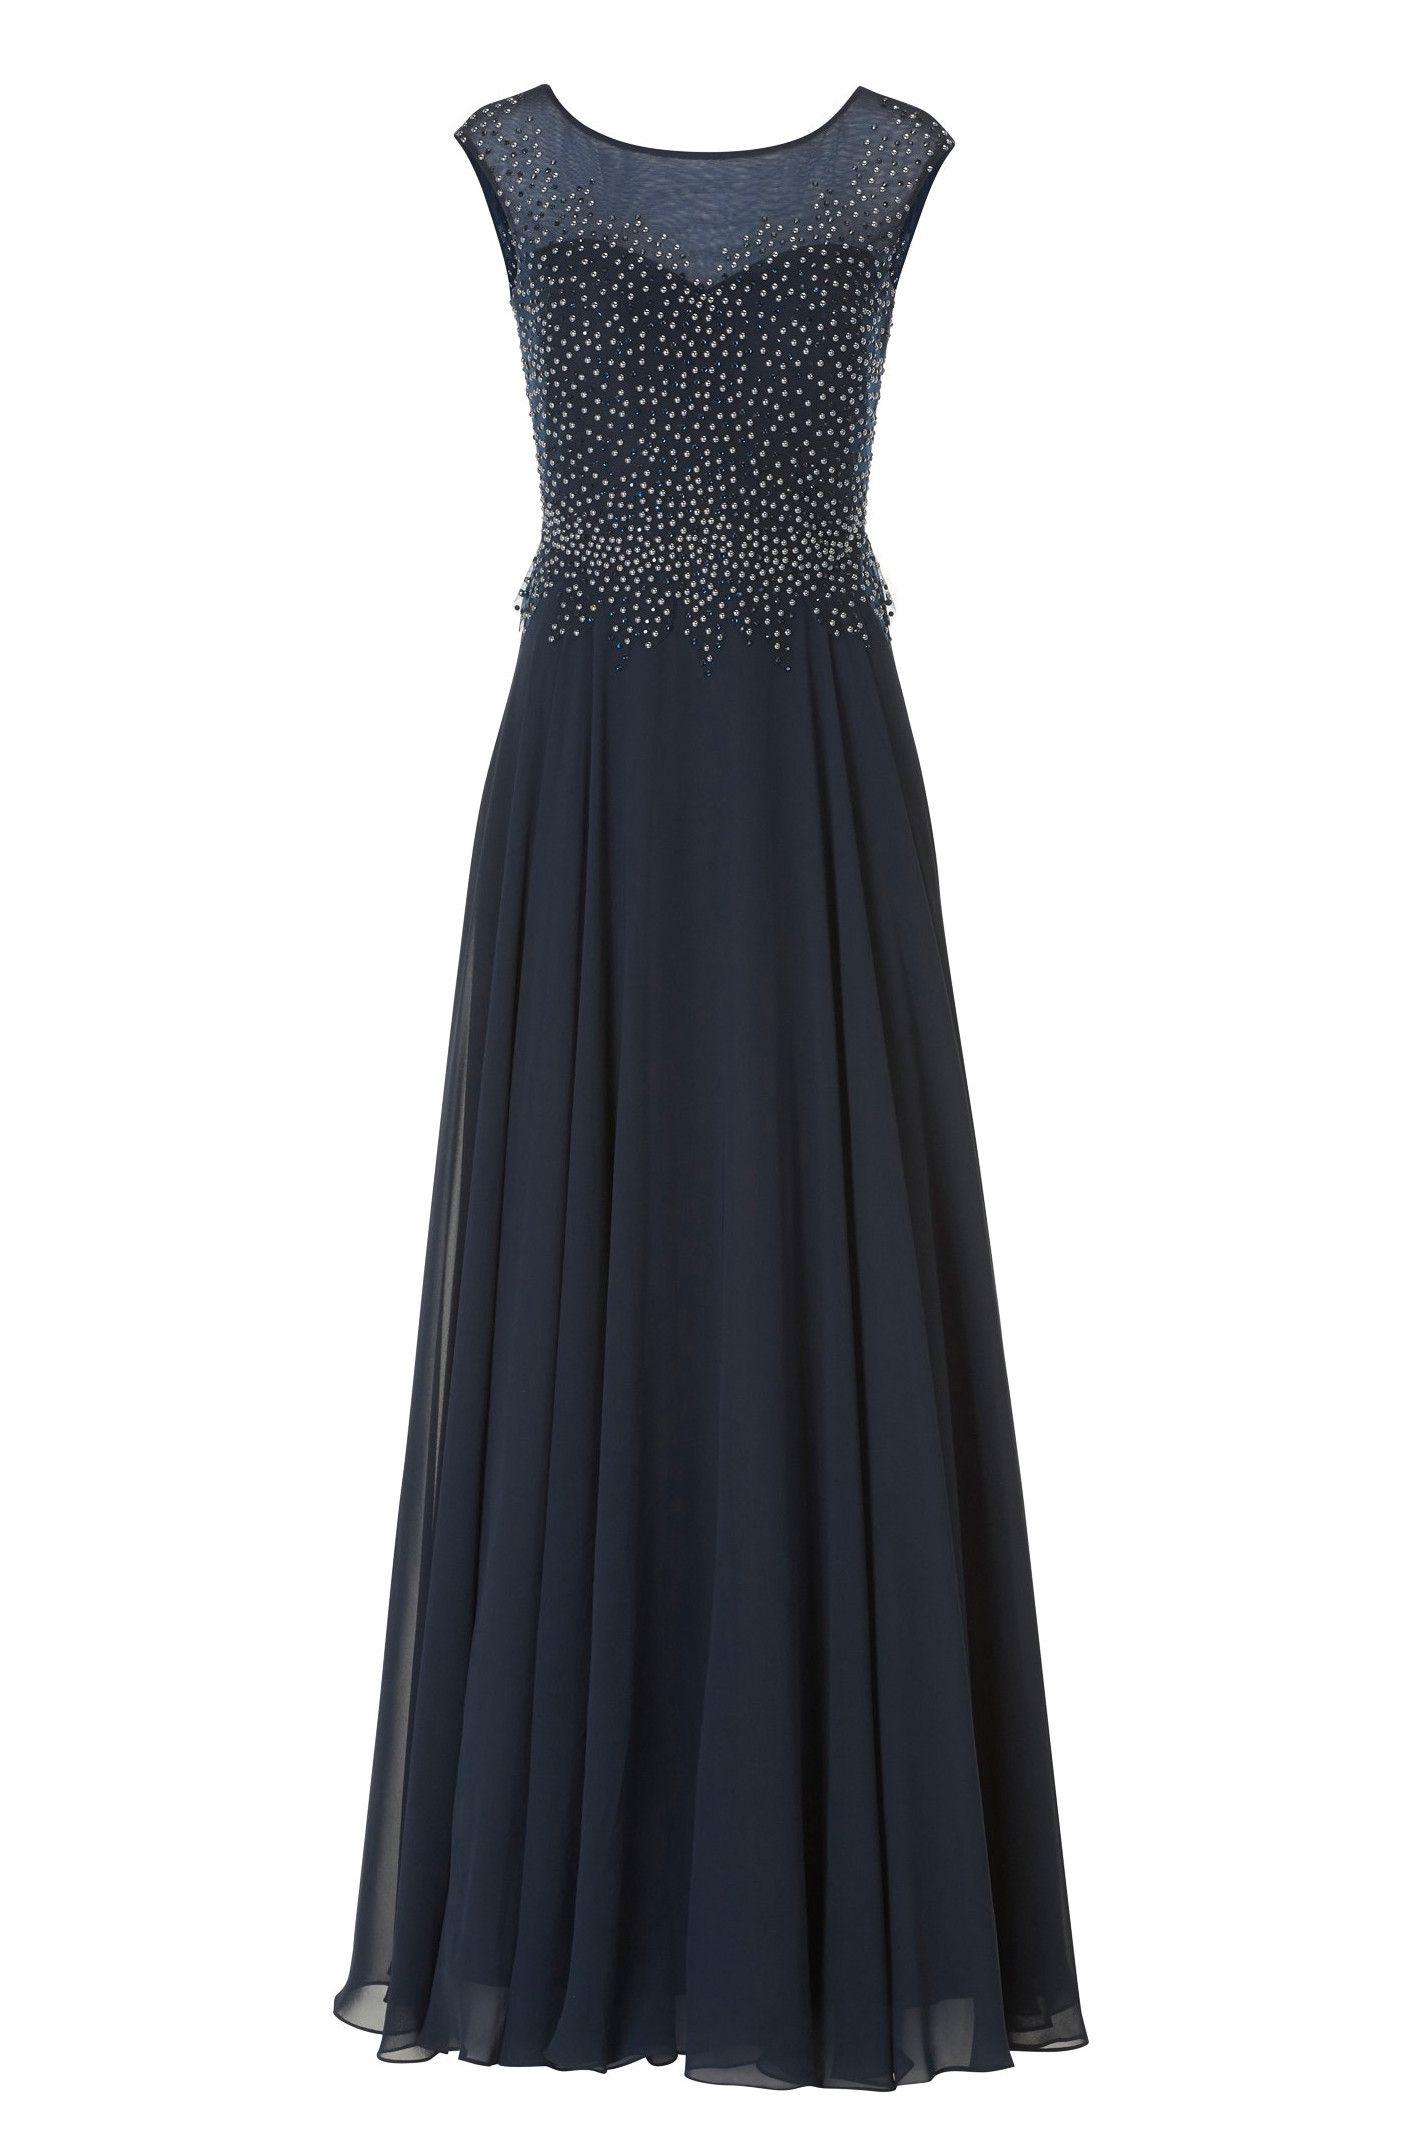 Langes Abendkleid mit Perlen  Lange kleider, Abendkleid, Kleider